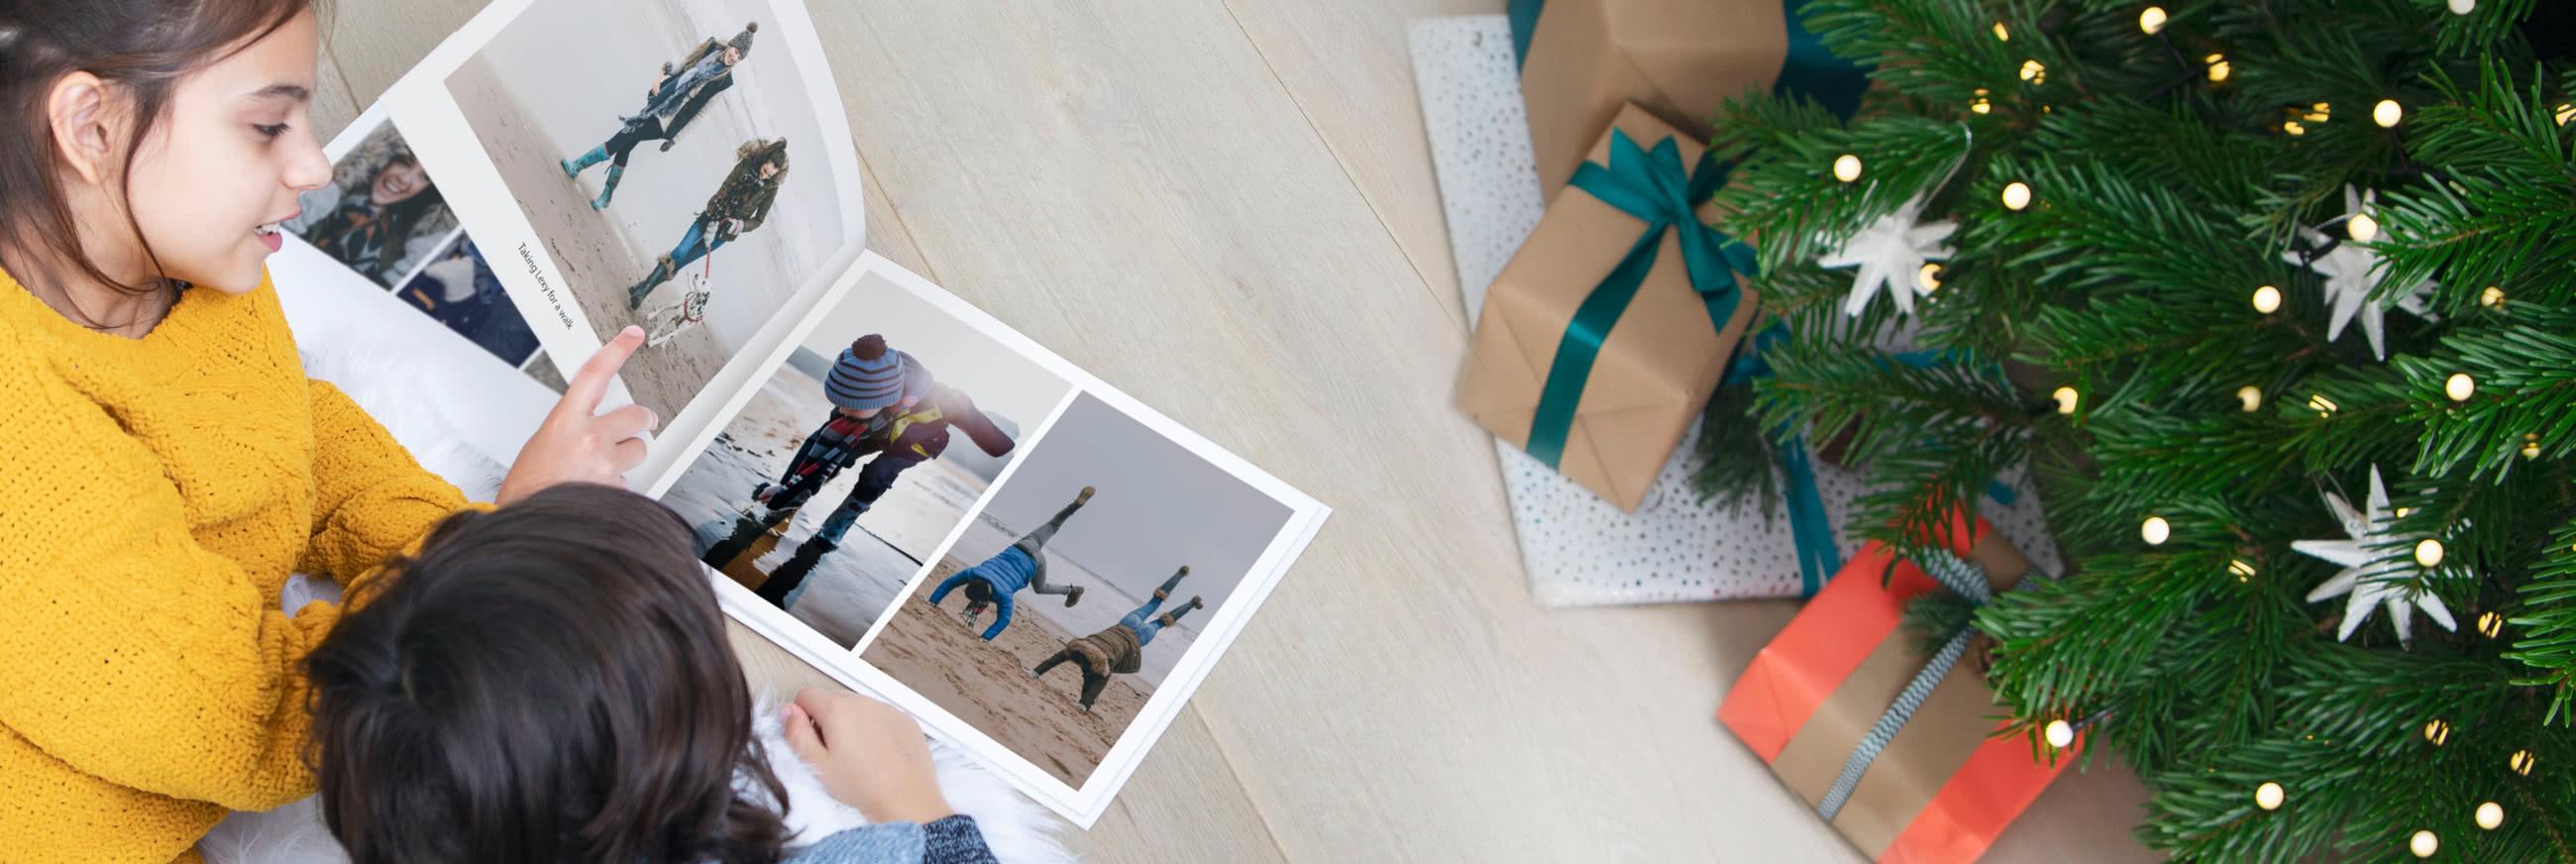 Livres Photo Premium A4 & A3